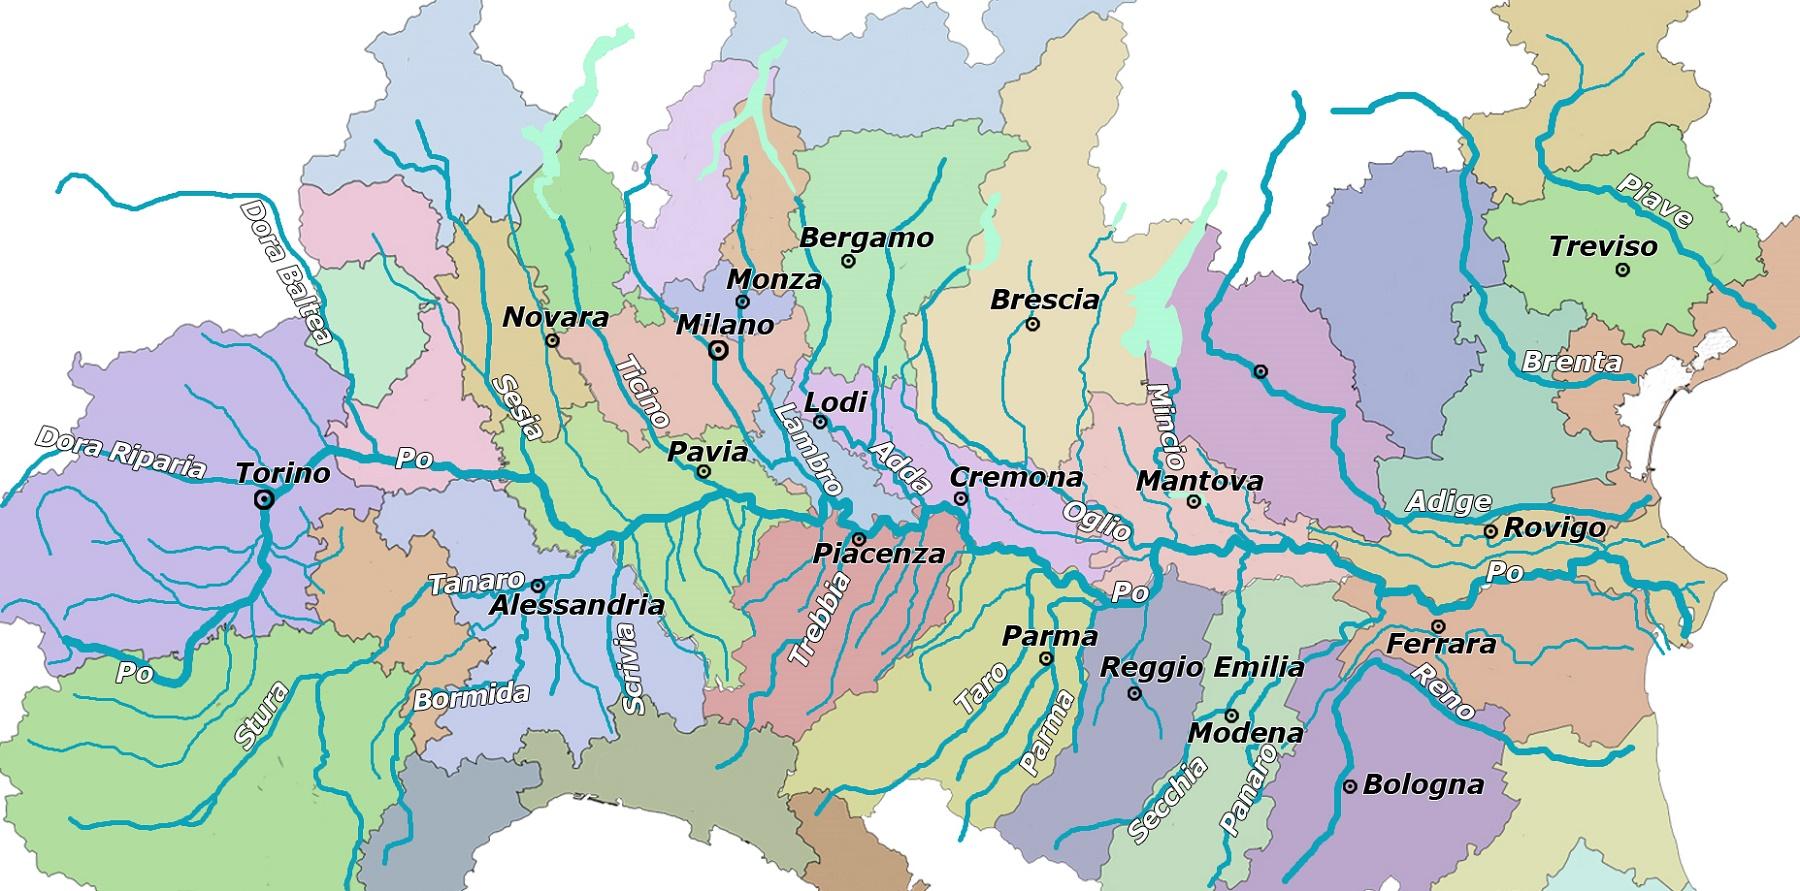 Cartina Fiumi Valle D Aosta.Pianura Padana Cartina Fisica E Cartina Politica Viaggi E Vacanze